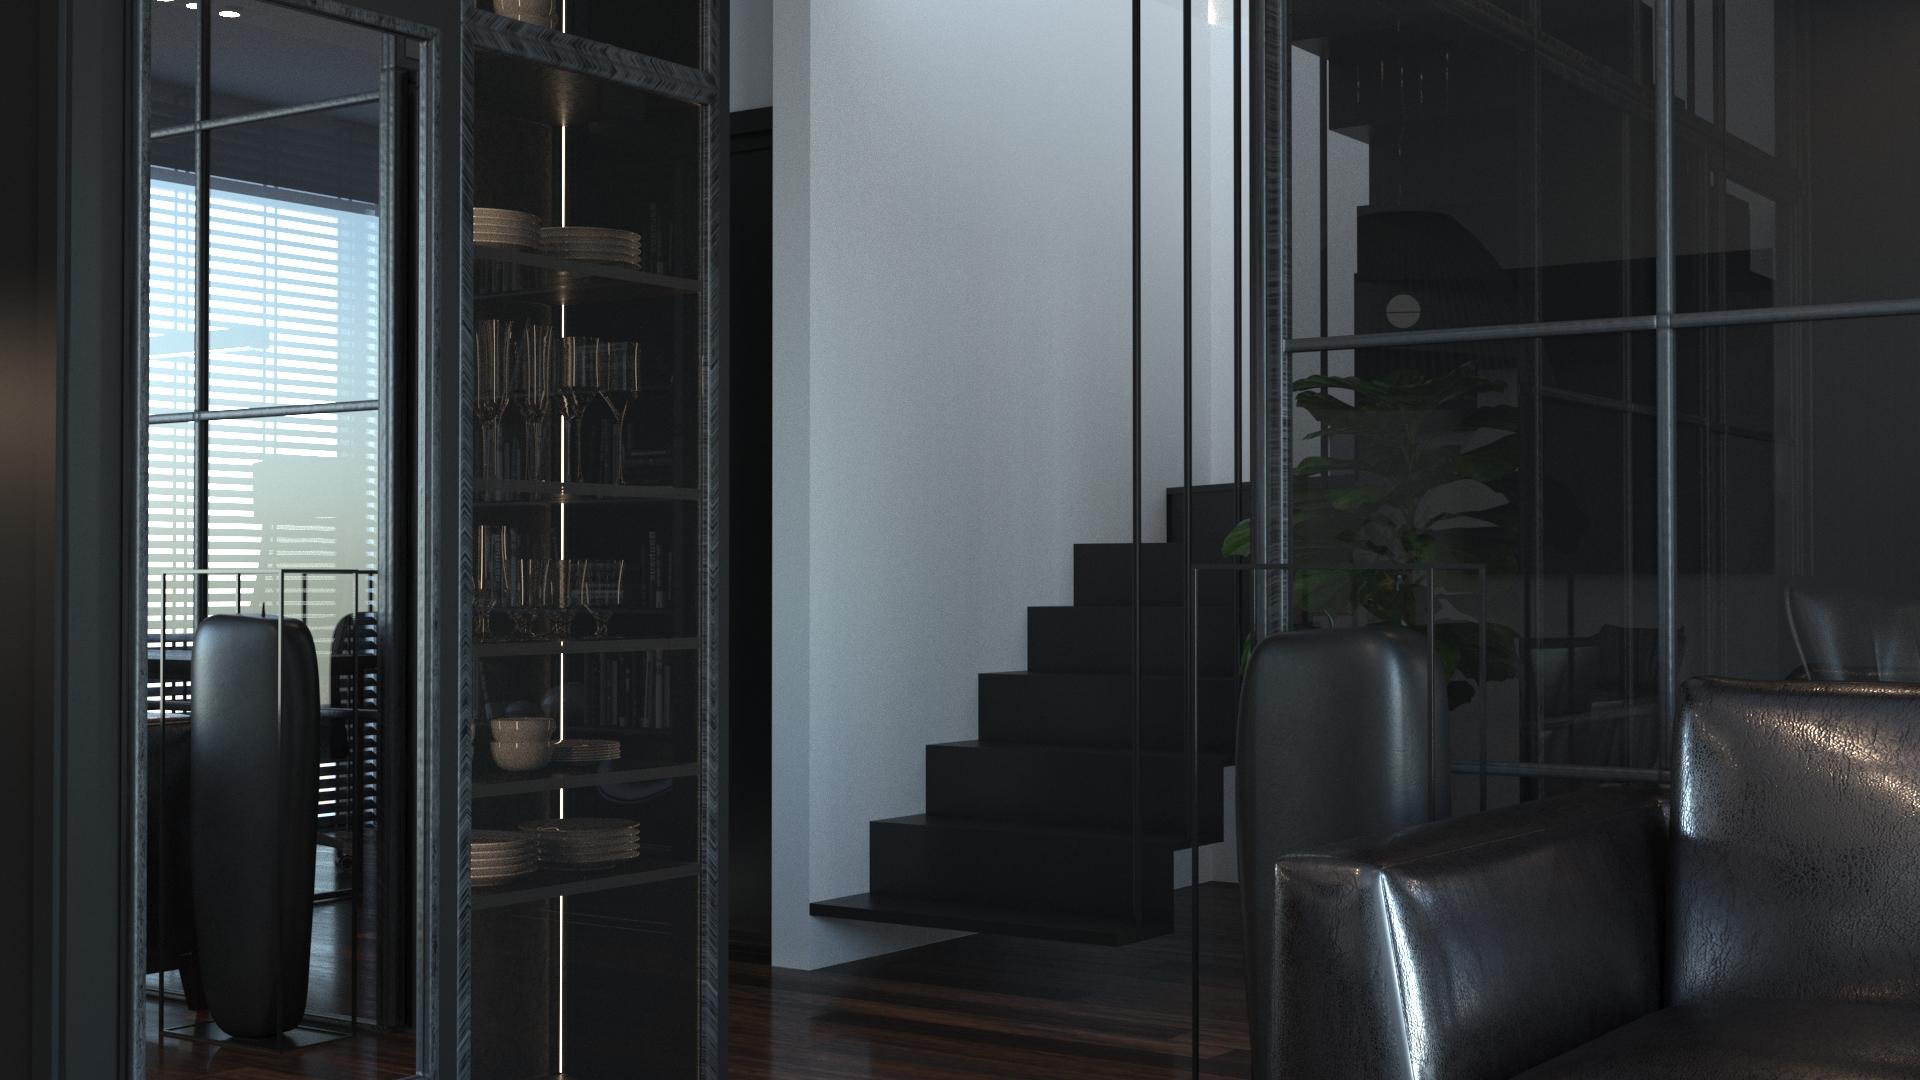 wizualizacja pokoju ze schodami